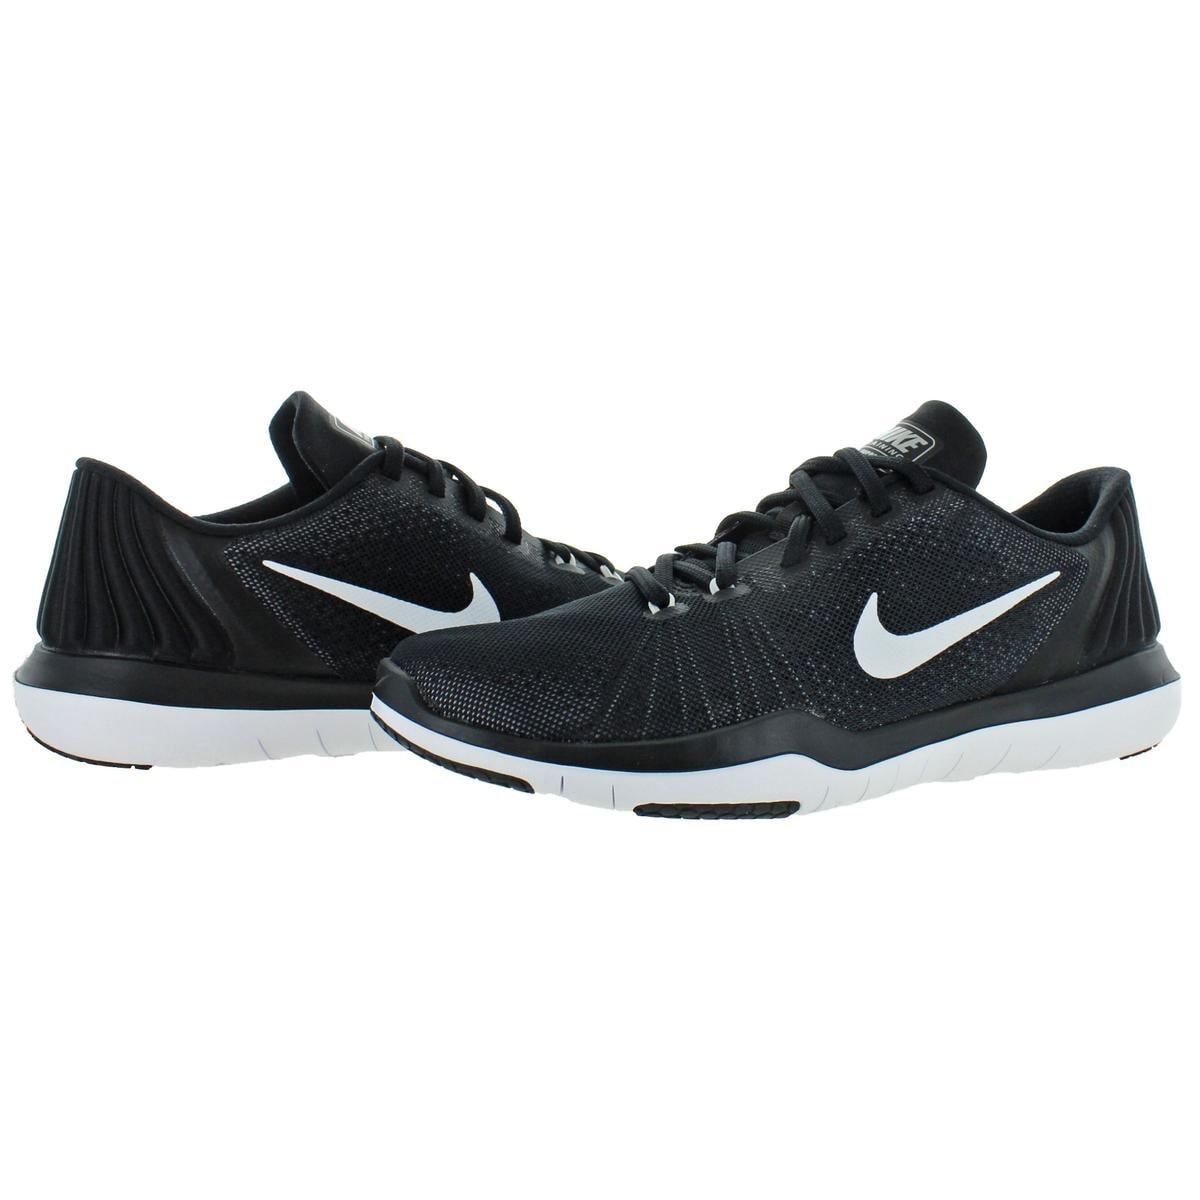 3b6db97c2eb9a Shop Nike Womens Nike Flex Supreme TR 5 Trainers Athletic Low Top - 8.5  Medium (B